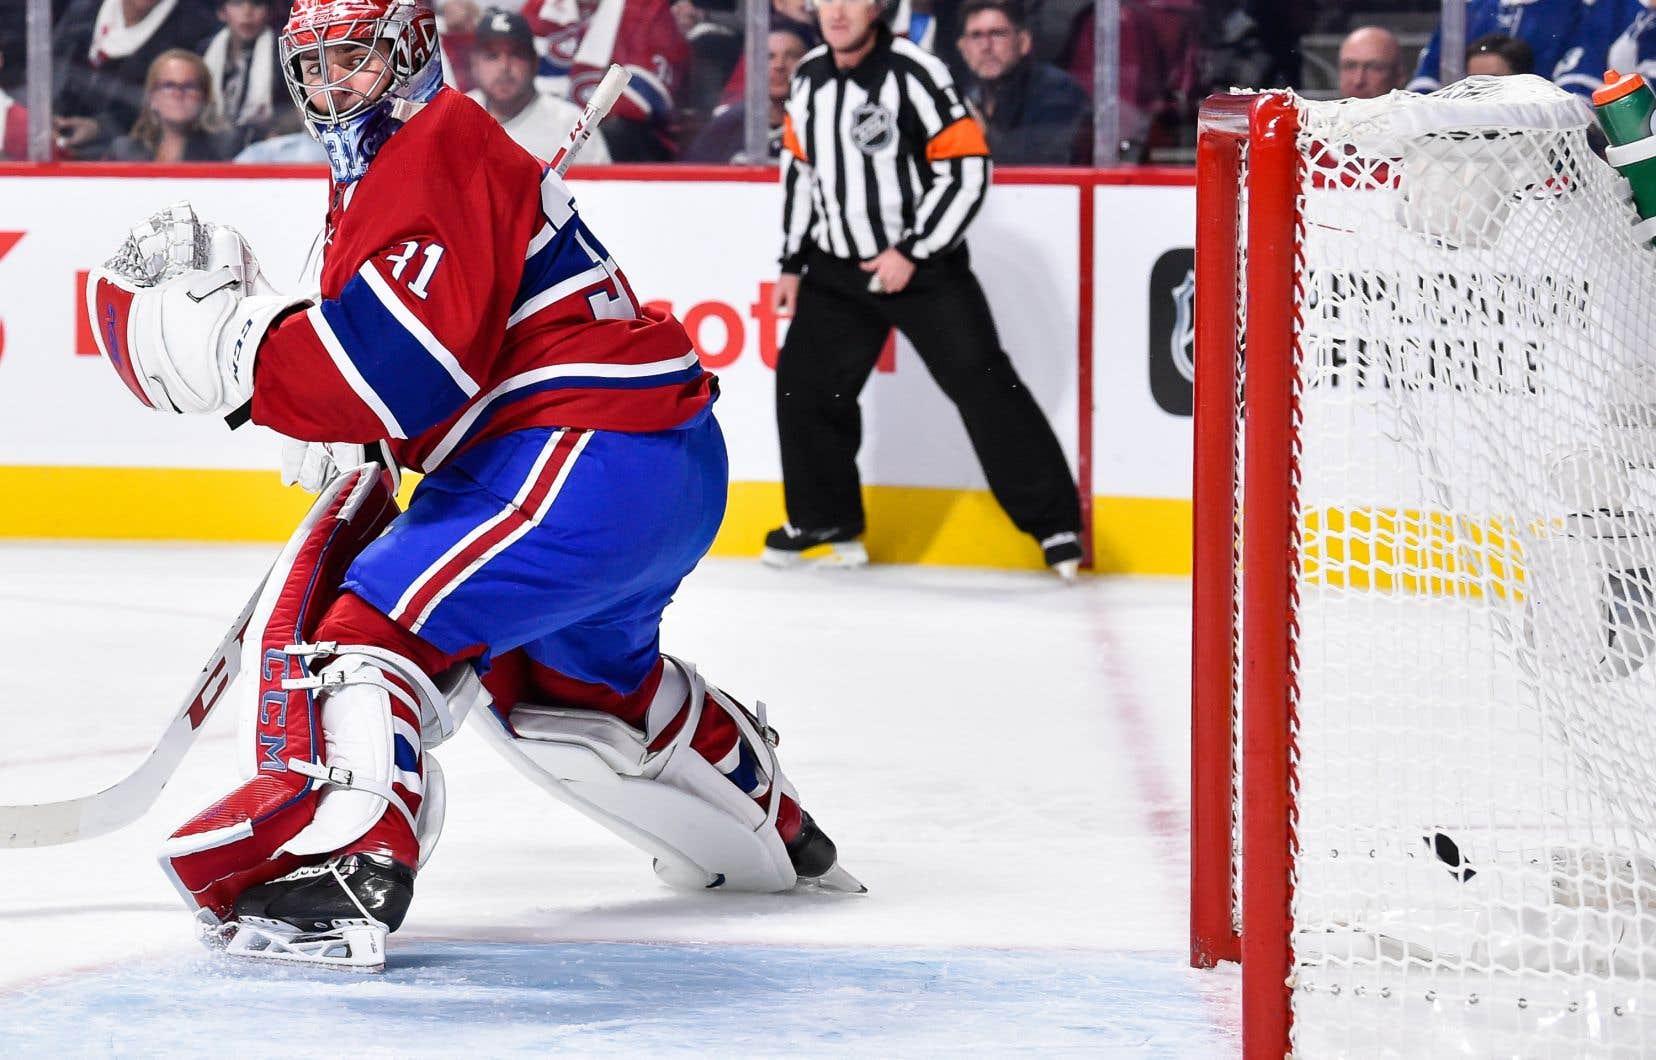 Le Canadien affrontera les Sharks de San Jose mardi, les Kings de Los Angeles mercredi et les Ducks d'Anaheim vendredi.